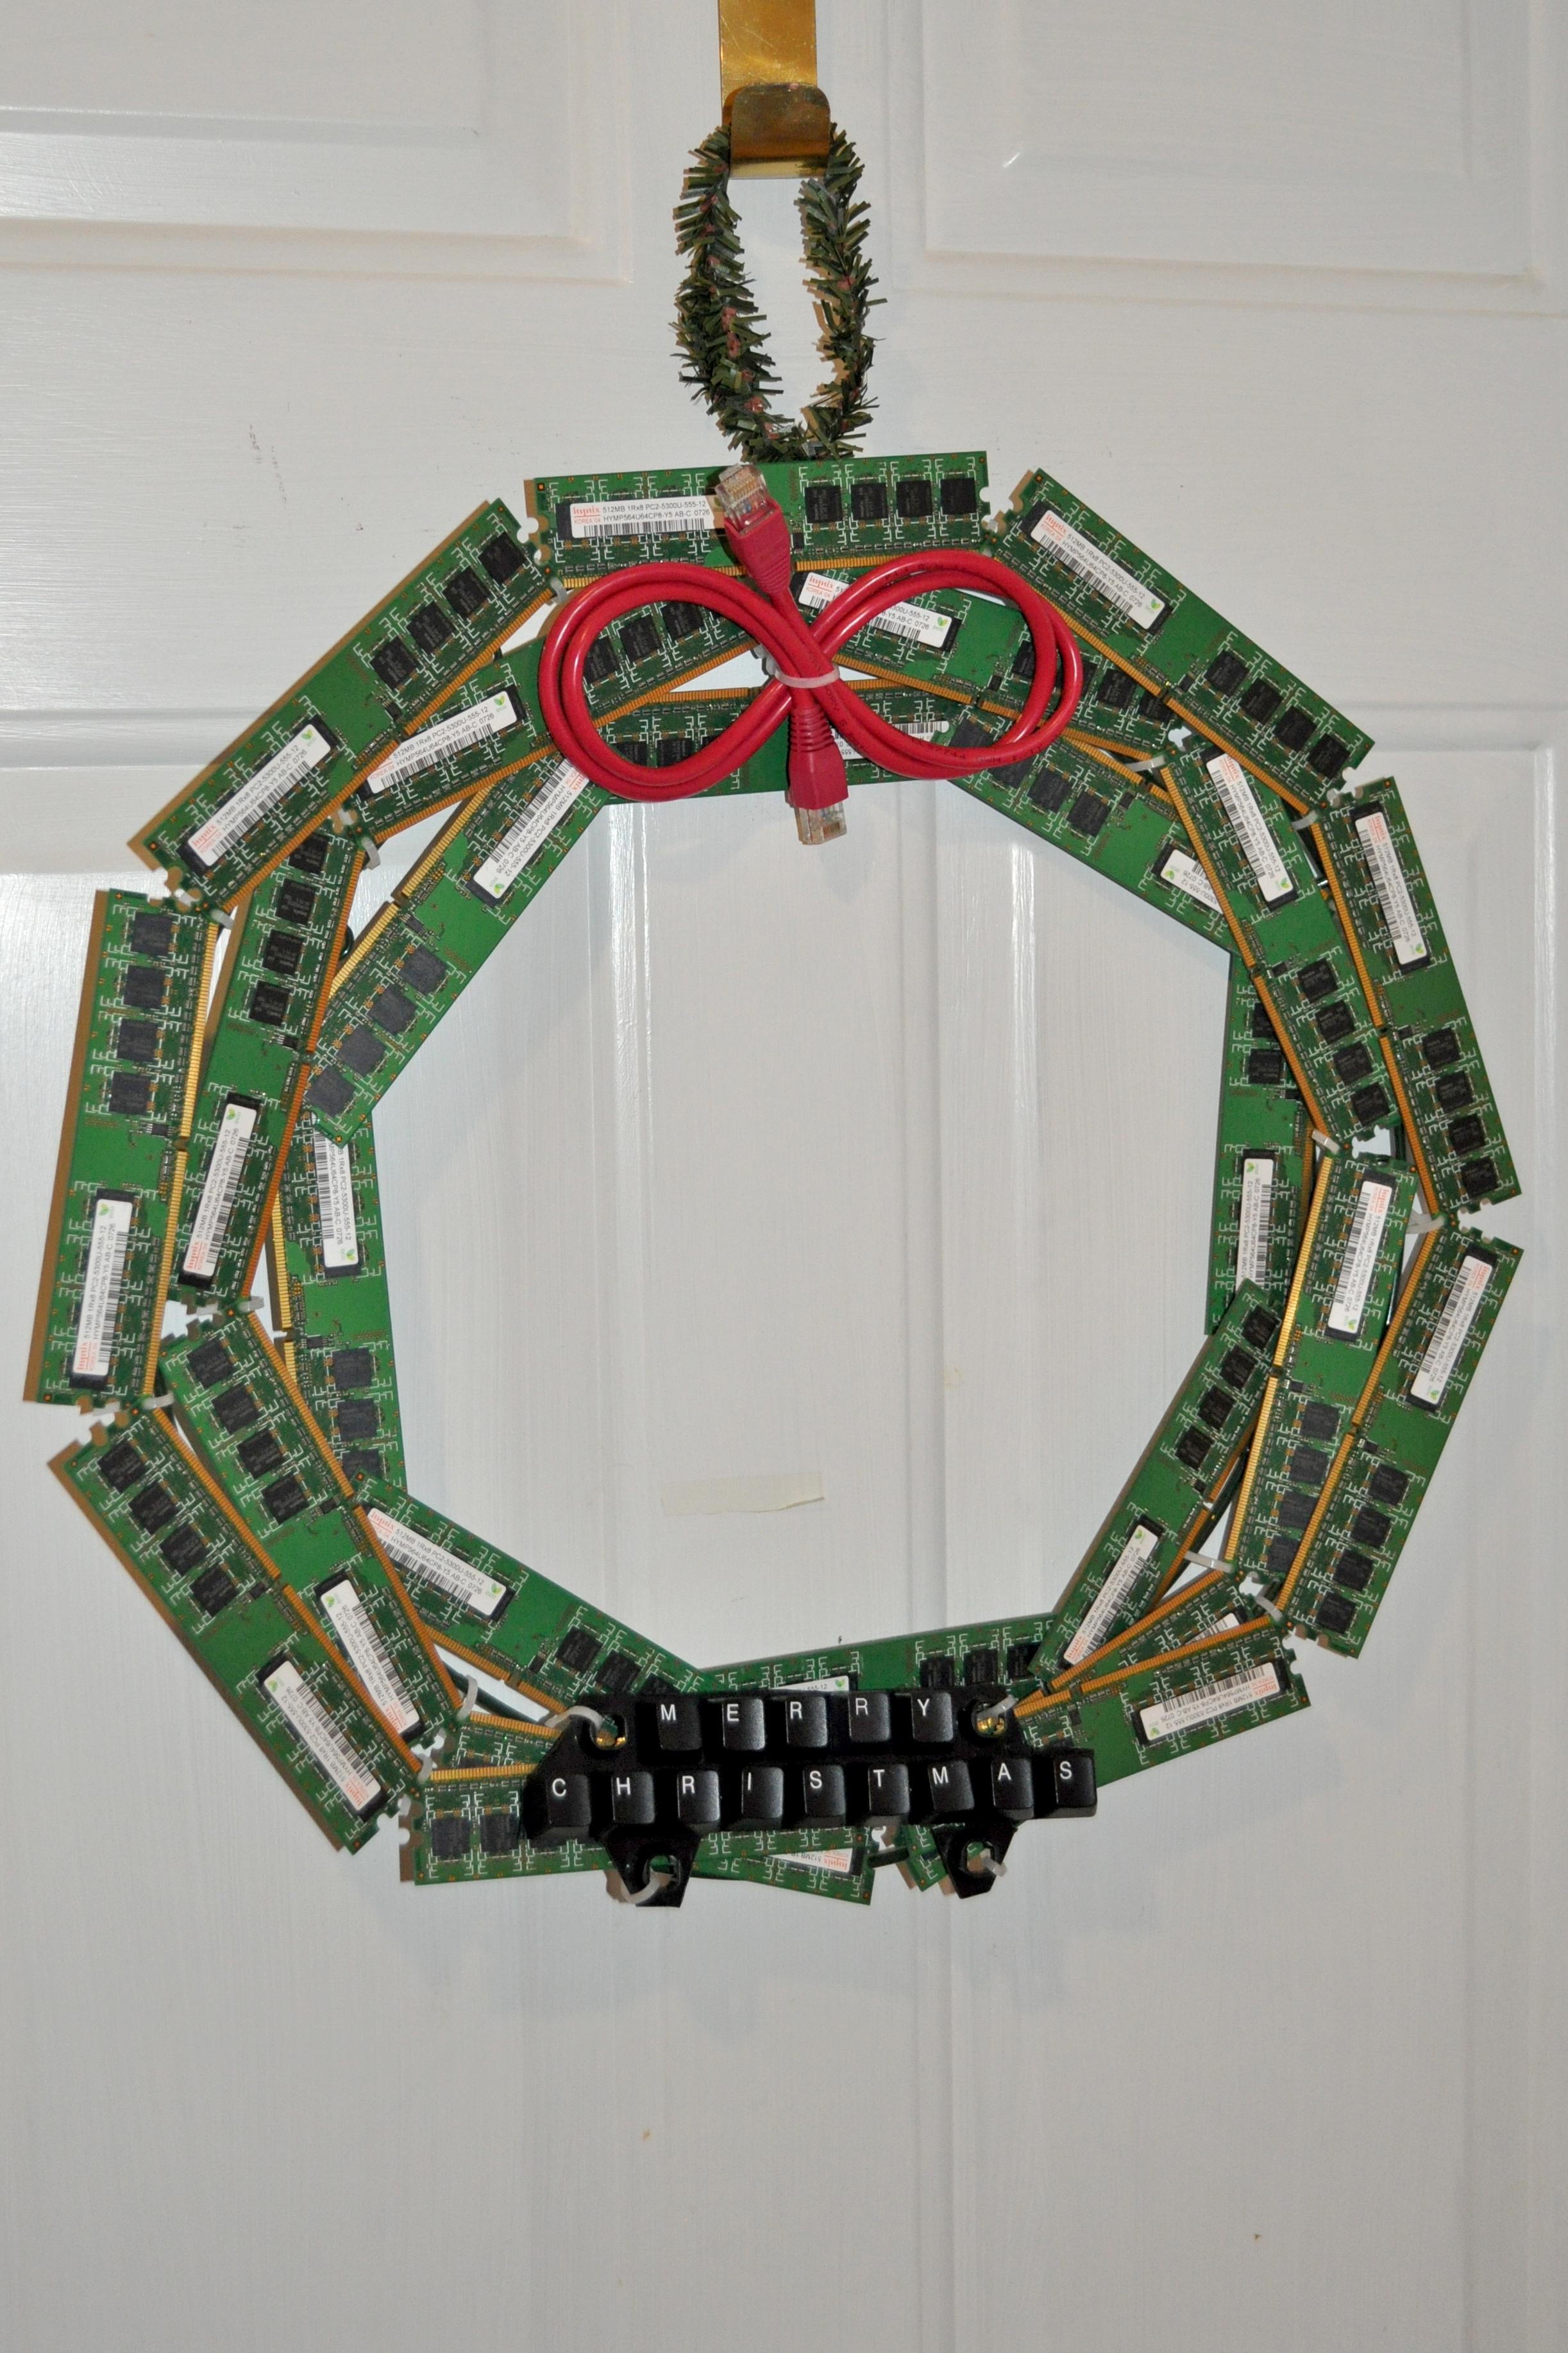 Upcycled-Computer Christmas Wreath | Make: